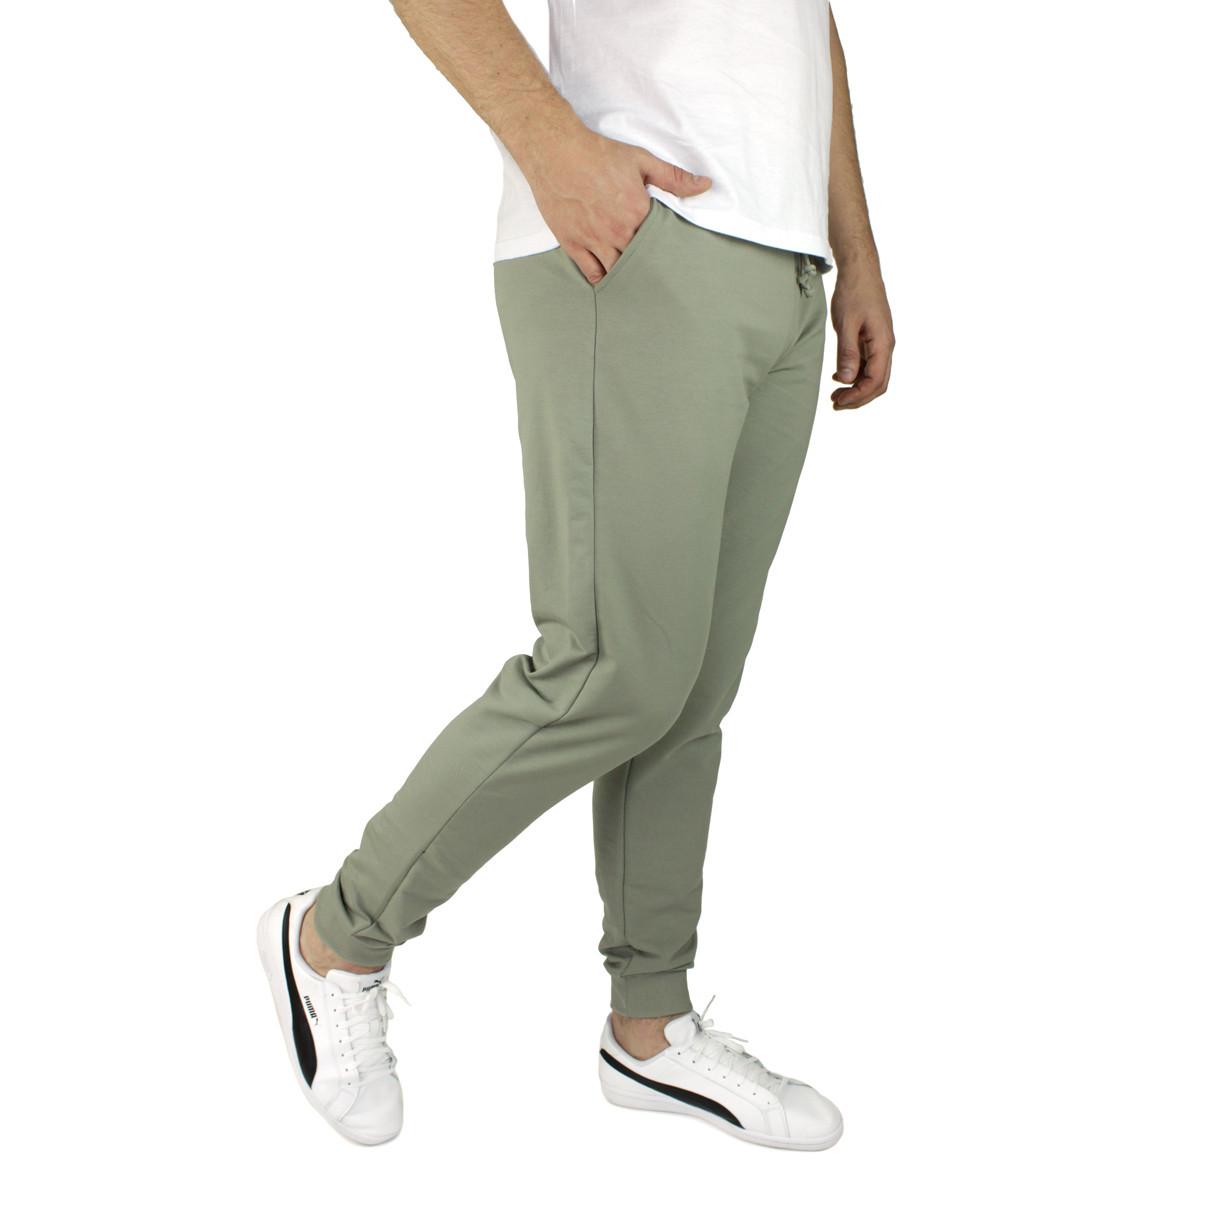 Штани чоловічі спортивні сіро-зелені M-3XL